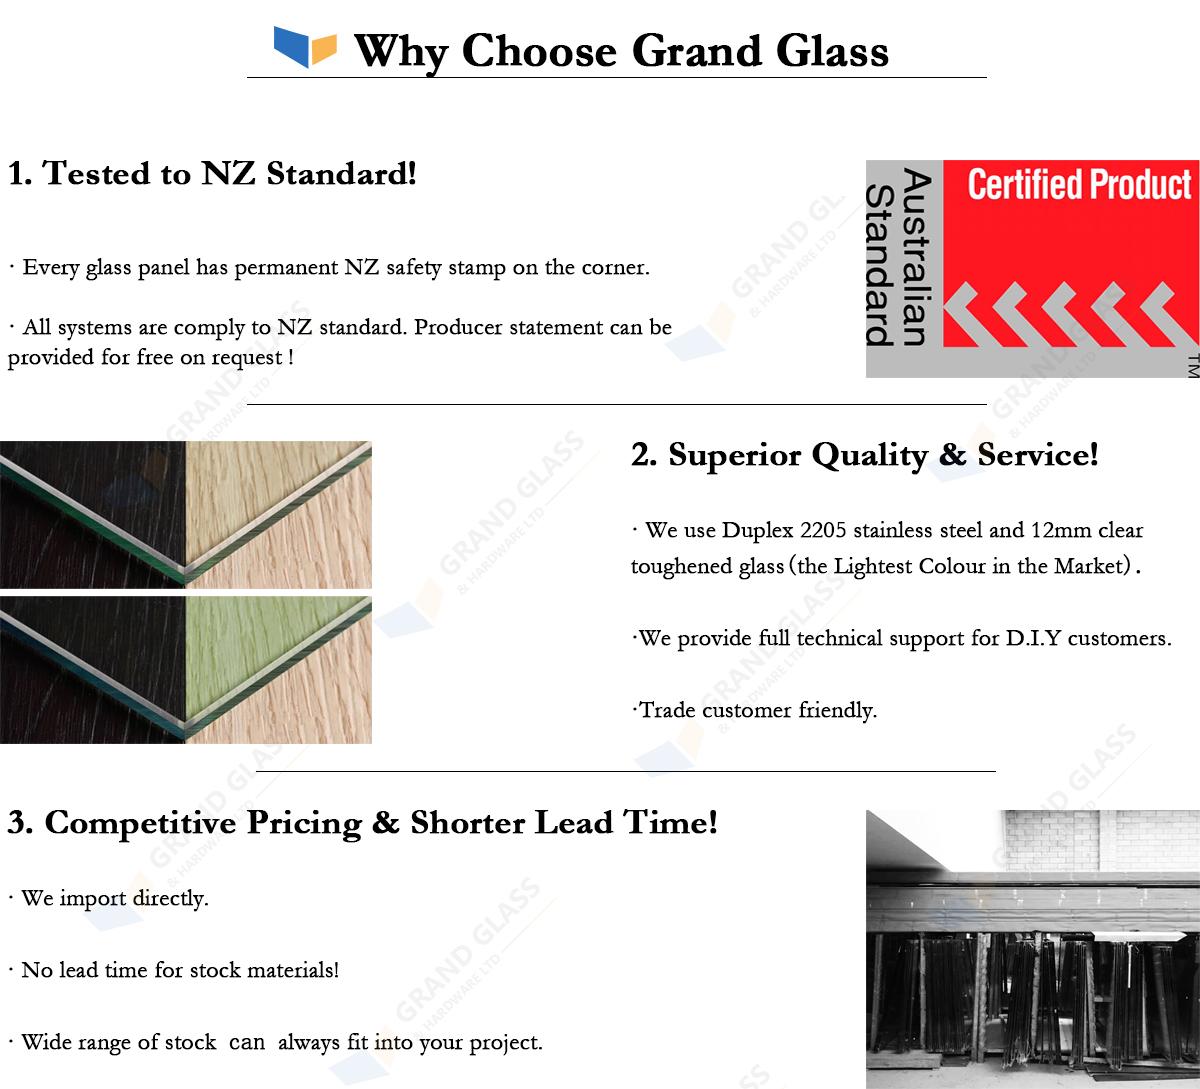 why-choose-grand-glass-5.jpg